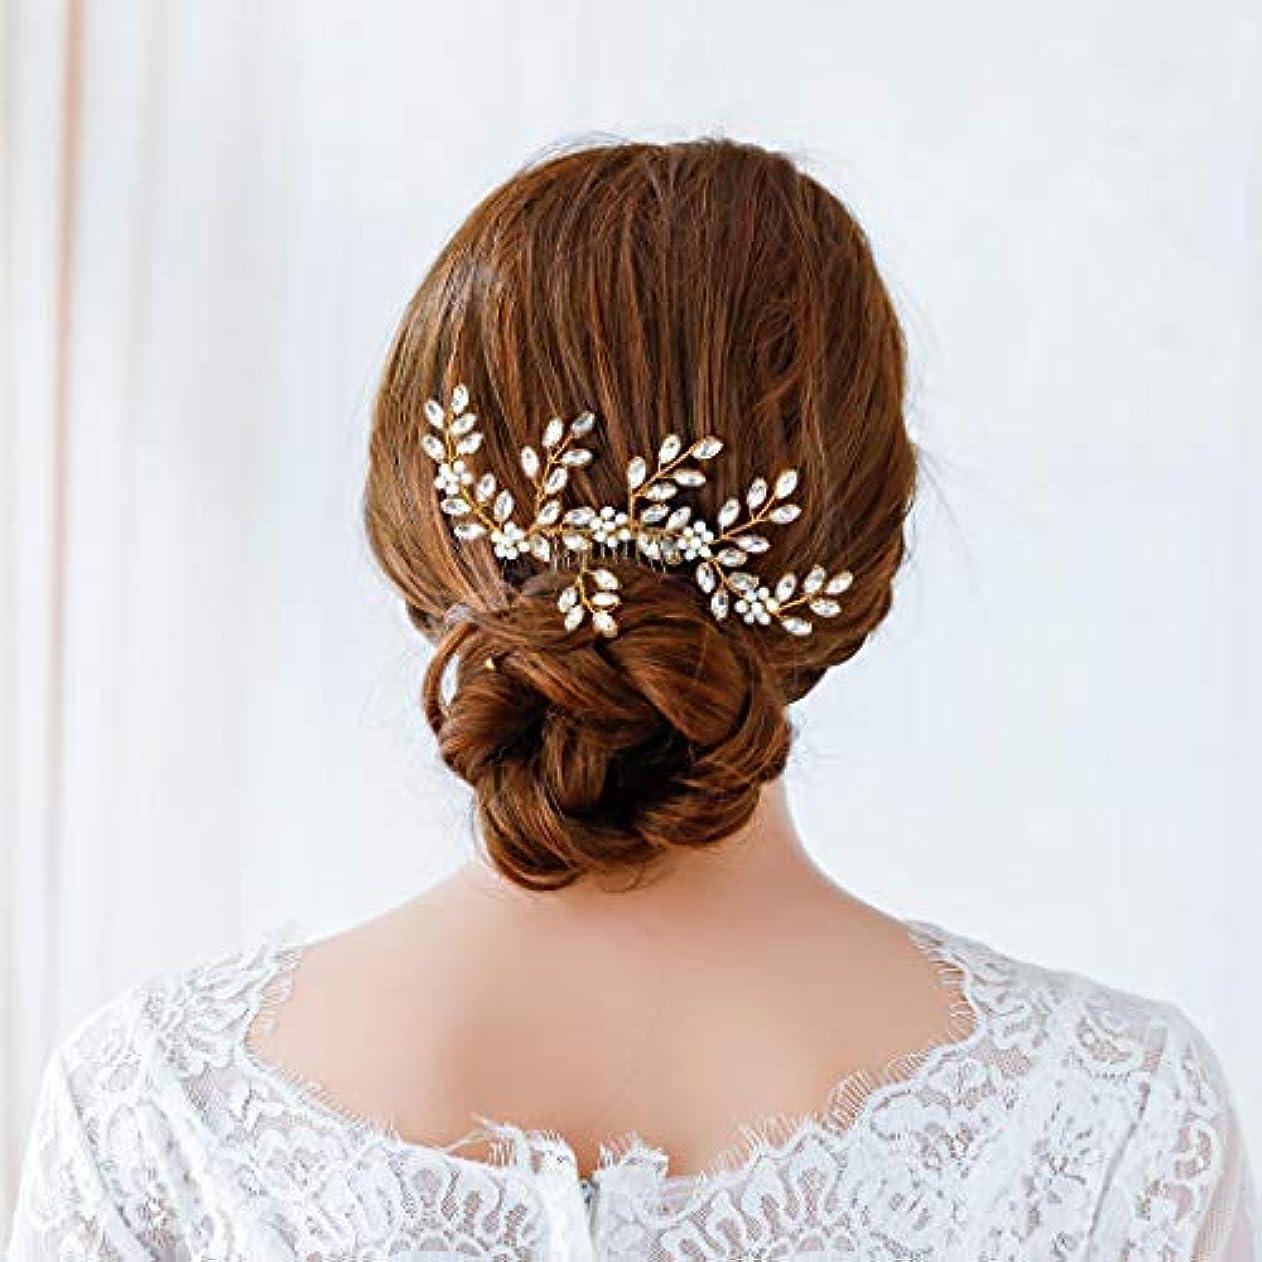 行進必要とする処方するJovono Bride Wedding Hair Comb Bridal Crystal Hair Accessories Beaded Headpieces for Women and Girls (Gold) [並行輸入品]